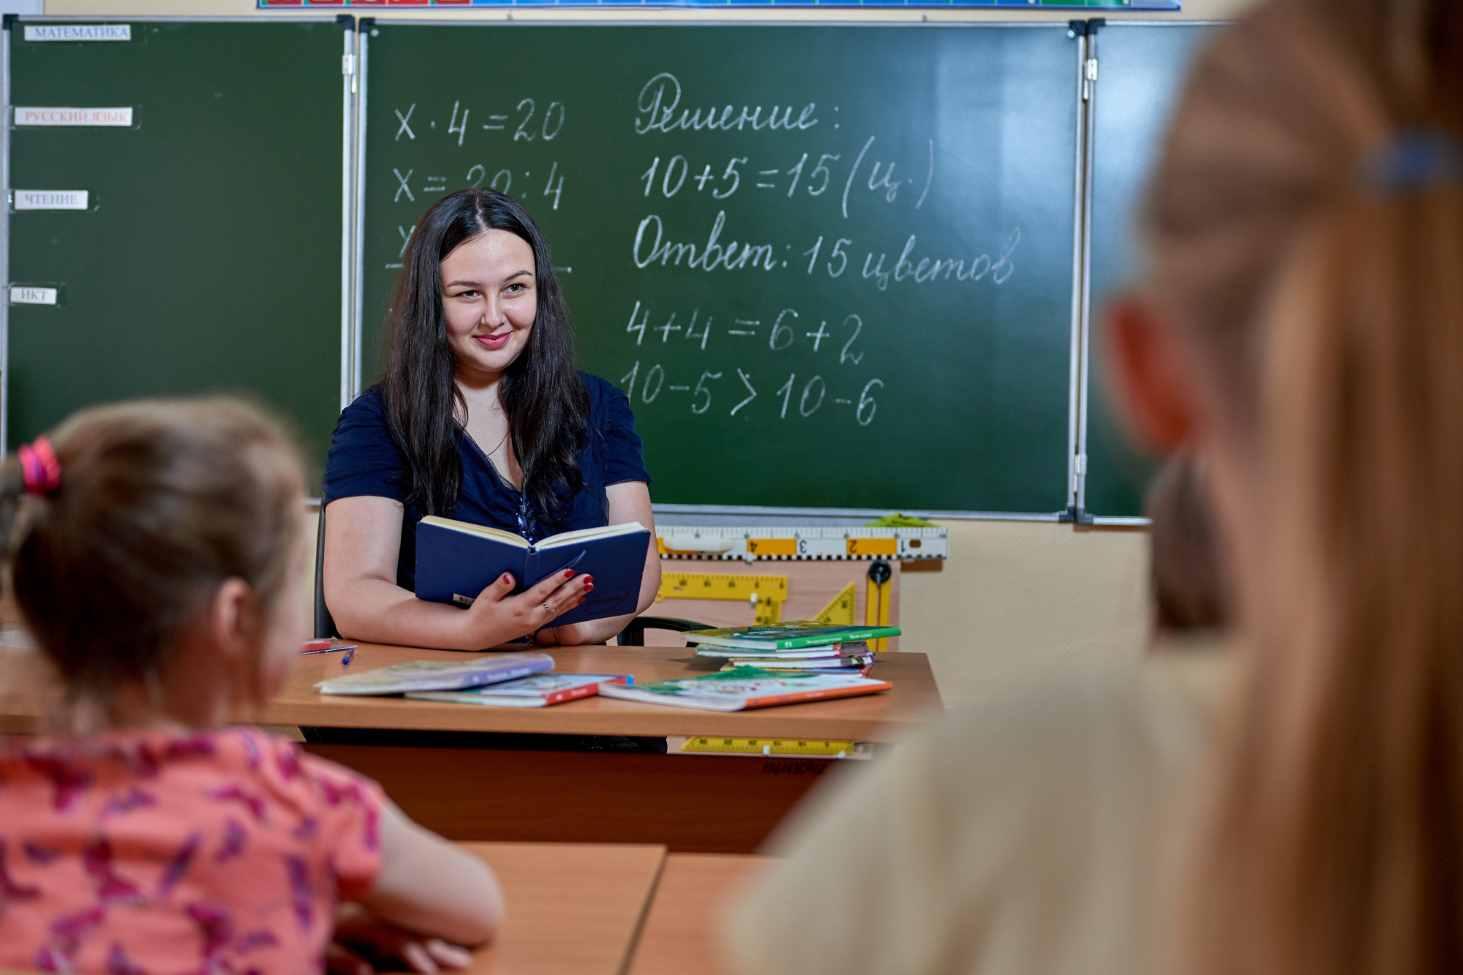 esli-pensionery-uvolyatsya-to-shkoly-nuzhno-budet-zakryvat-uchitelya-rasskazali-o-svoej-professii